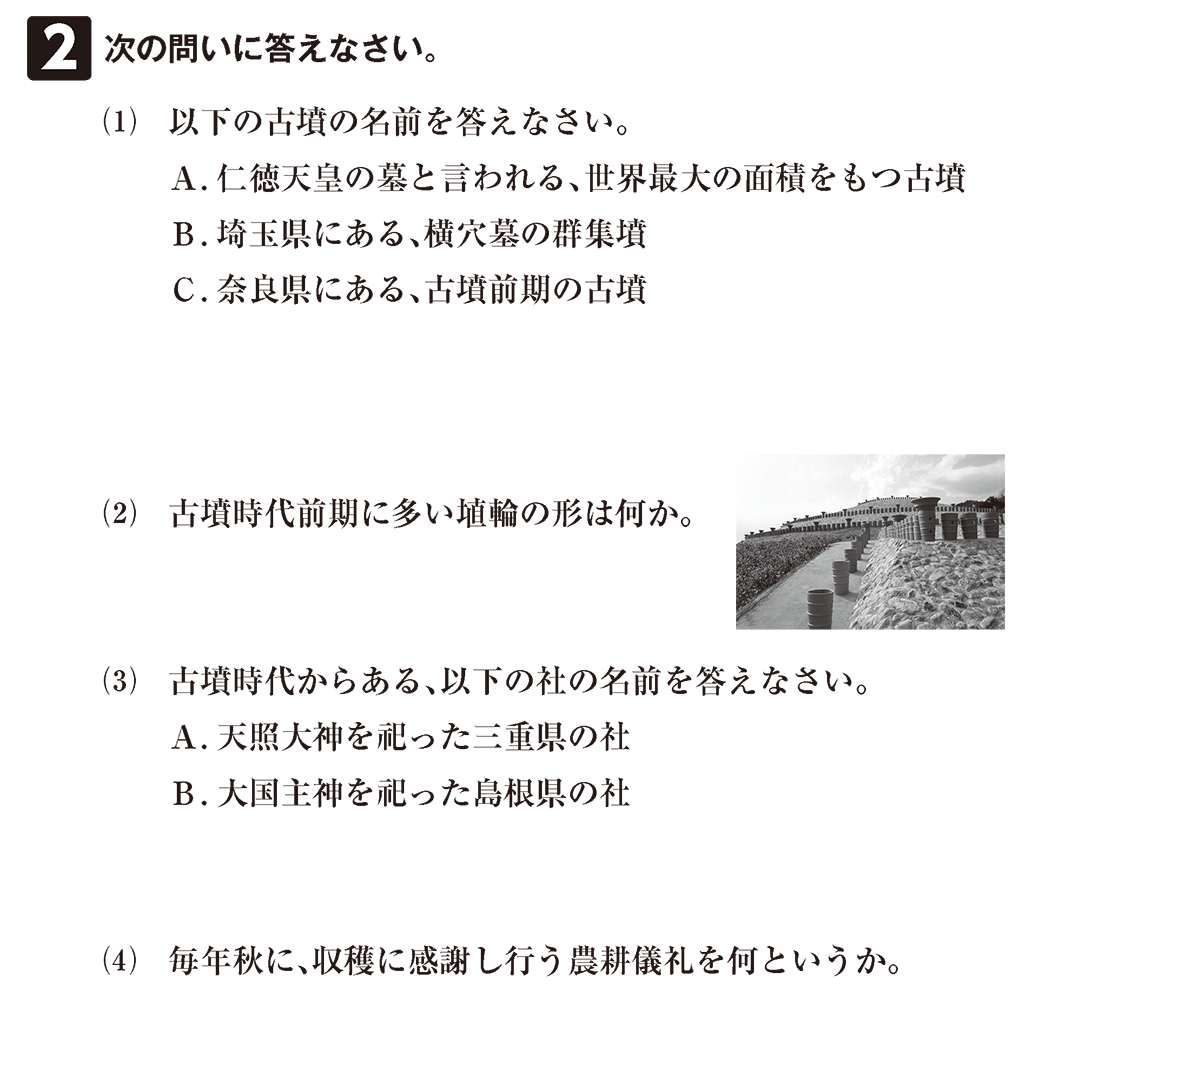 古墳文化3 問題2 問題